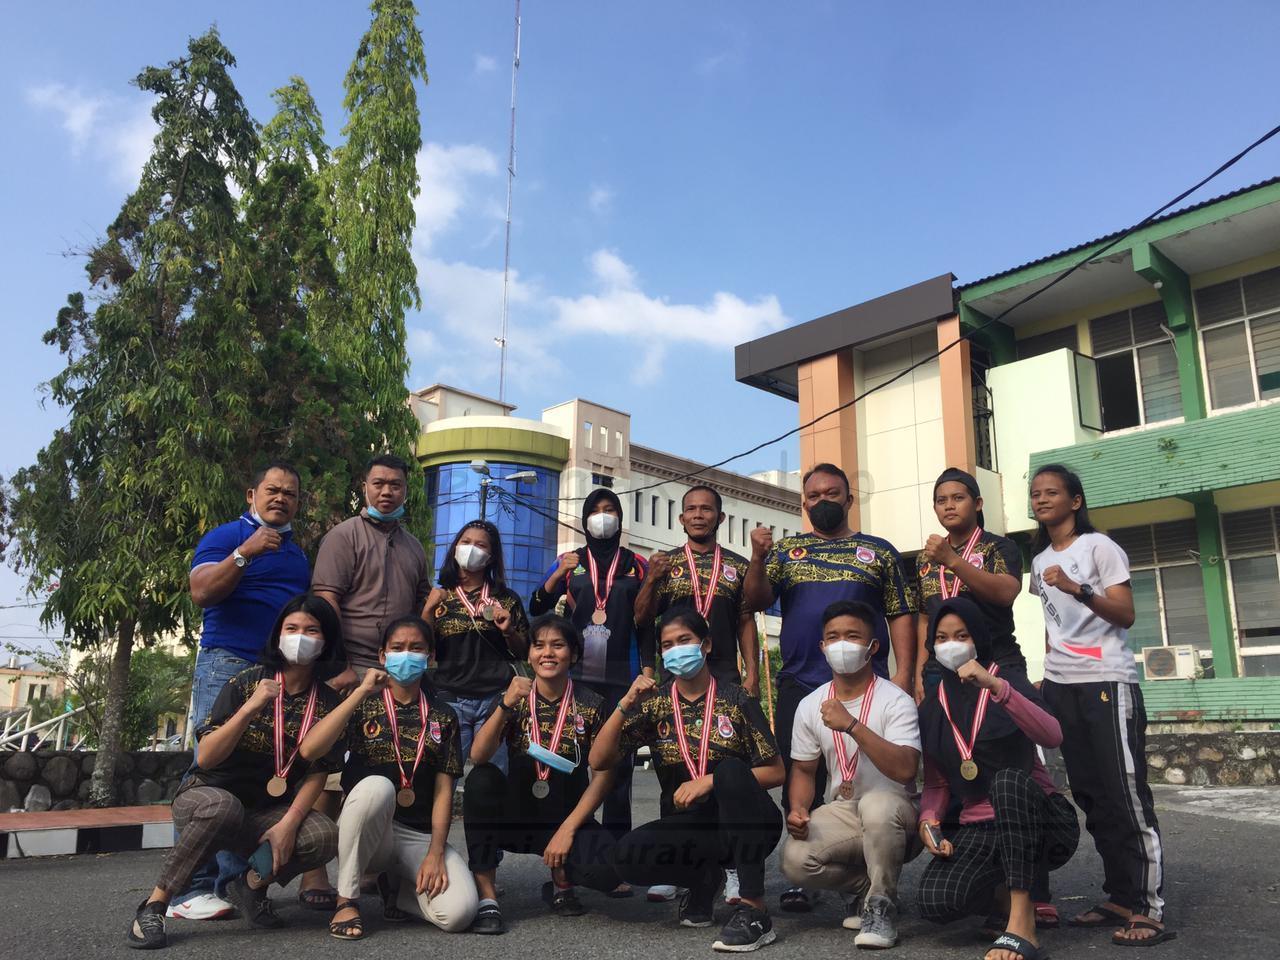 Pabbsi Tebing Tinggi Sabet 12 Medali di Medan Open Turnamen 2021 4 IMG 20210301 WA0083